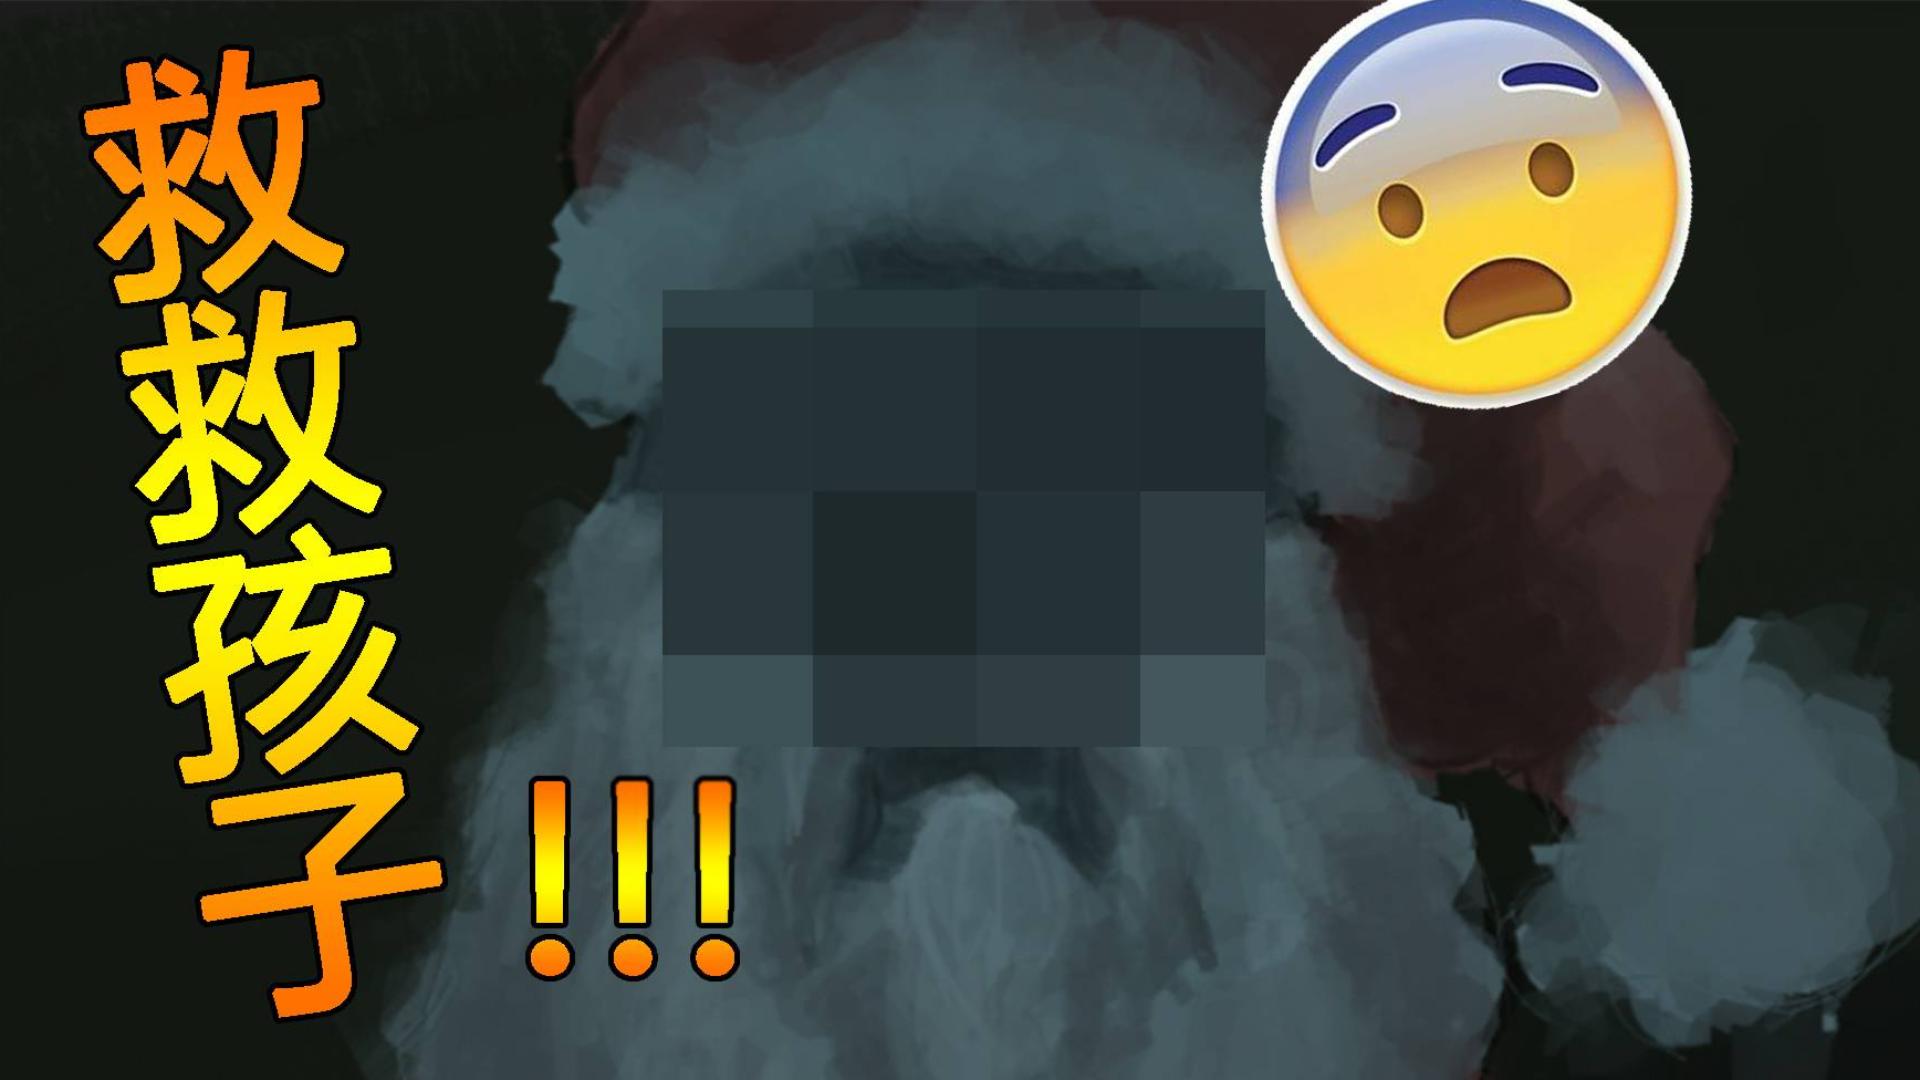 千万不要吃掉留给圣诞老人的这种糖果!!不然你会痛不欲生!!【恐怖游戏Santa claws】